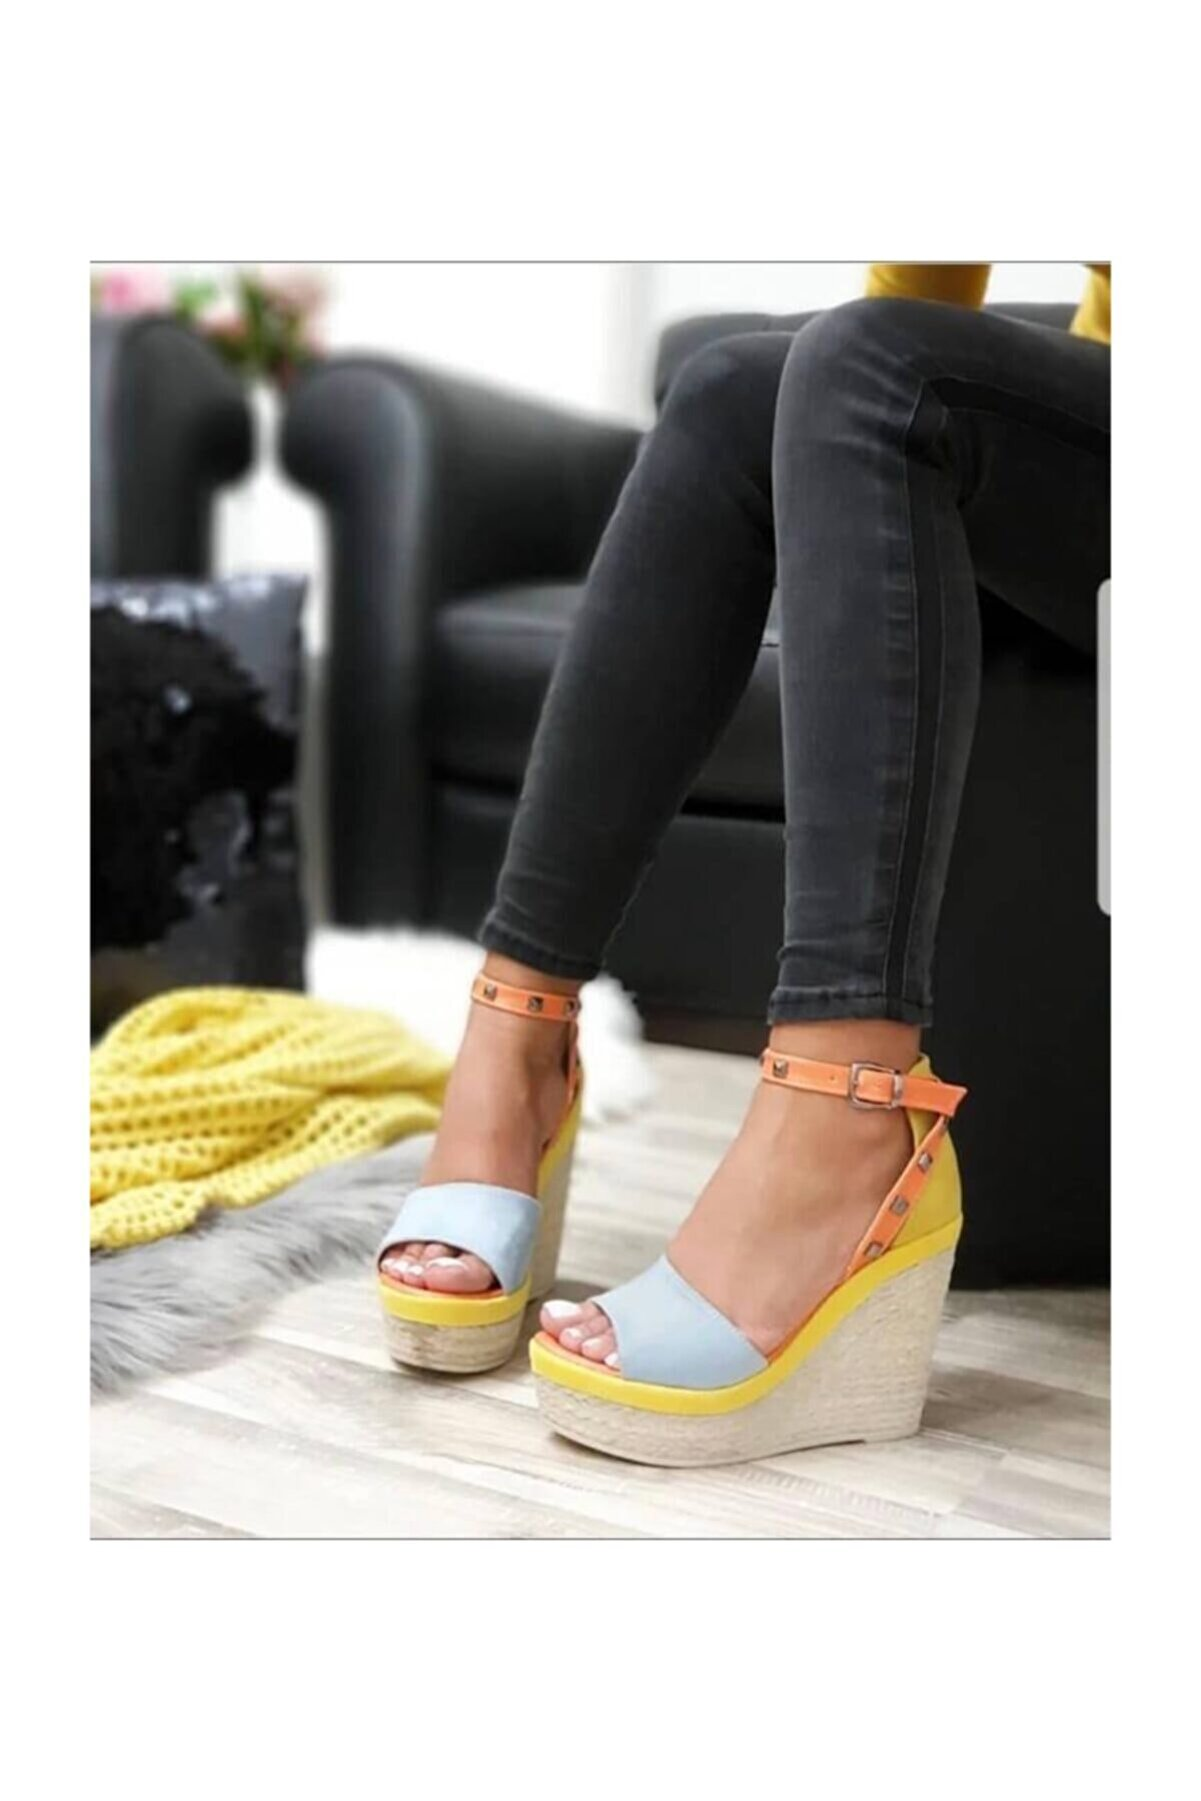 Shoe Miss Emma Bebe Mavi Dolgu Topuk